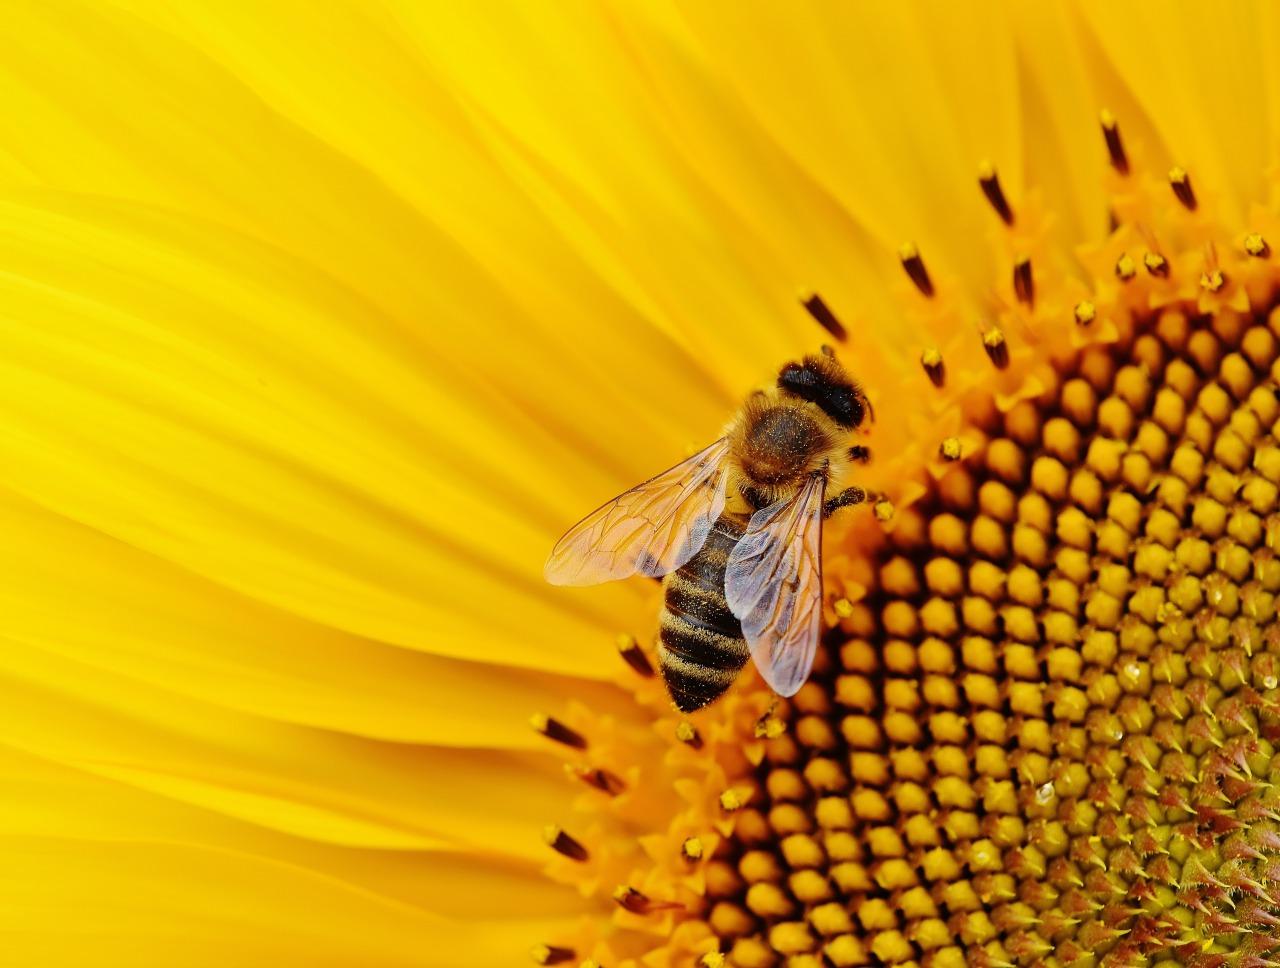 なぜ蜂に刺される夢を見たのか?